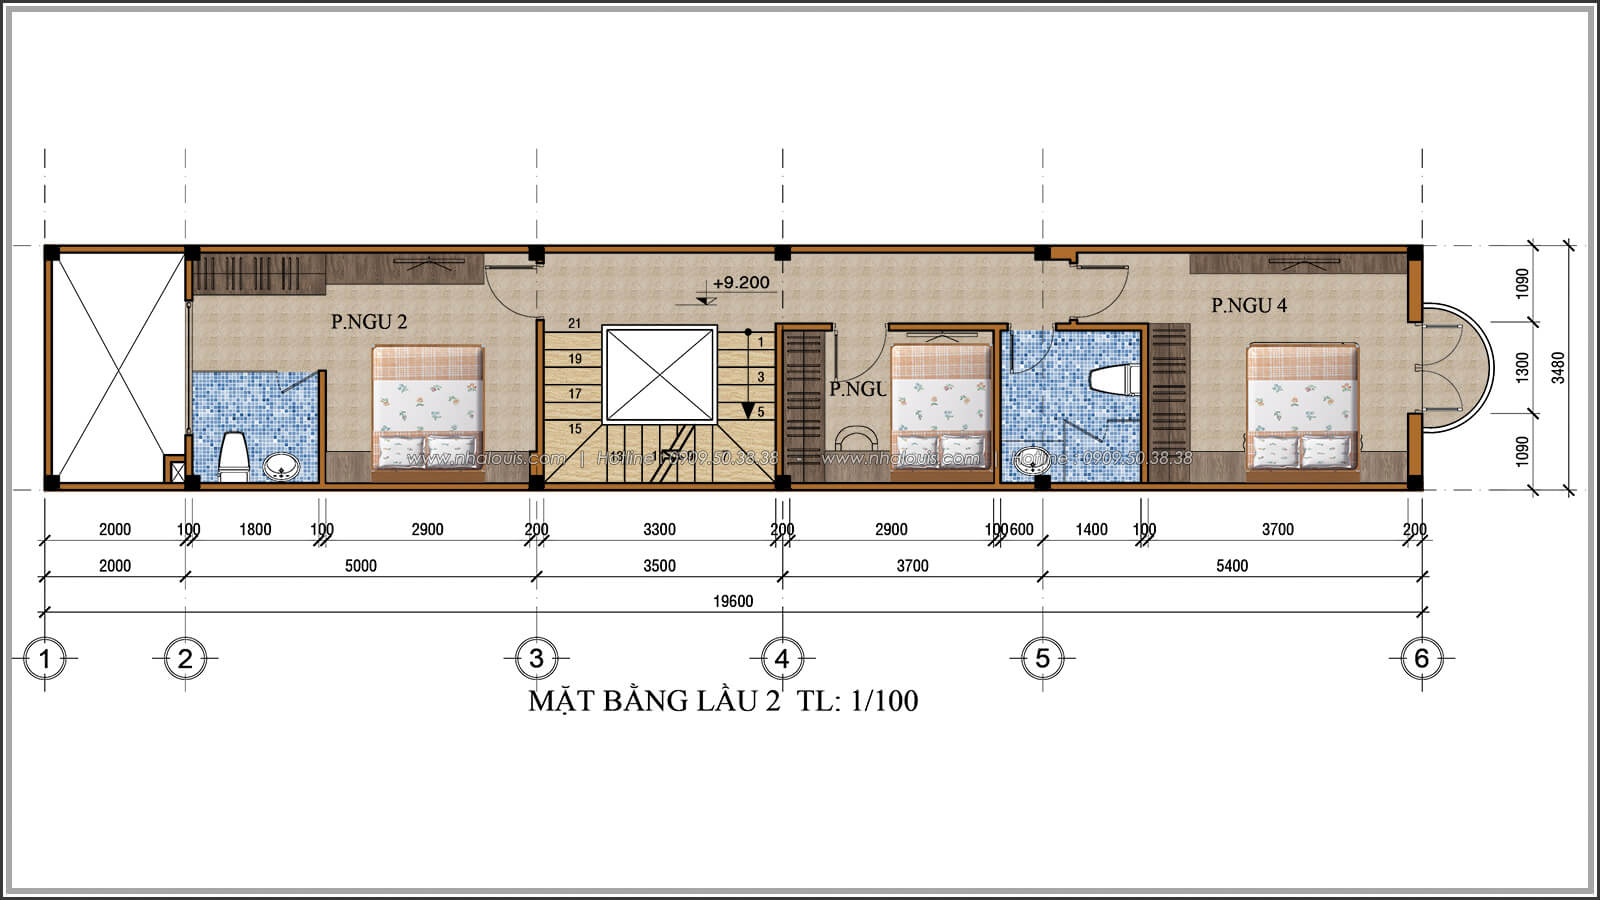 Mặt bằng lầu 2 Xiêu lòng với thiết kế nhà ống cổ điển đẹp cổ điển nhỏ mà chất tại Quận 3 - 06